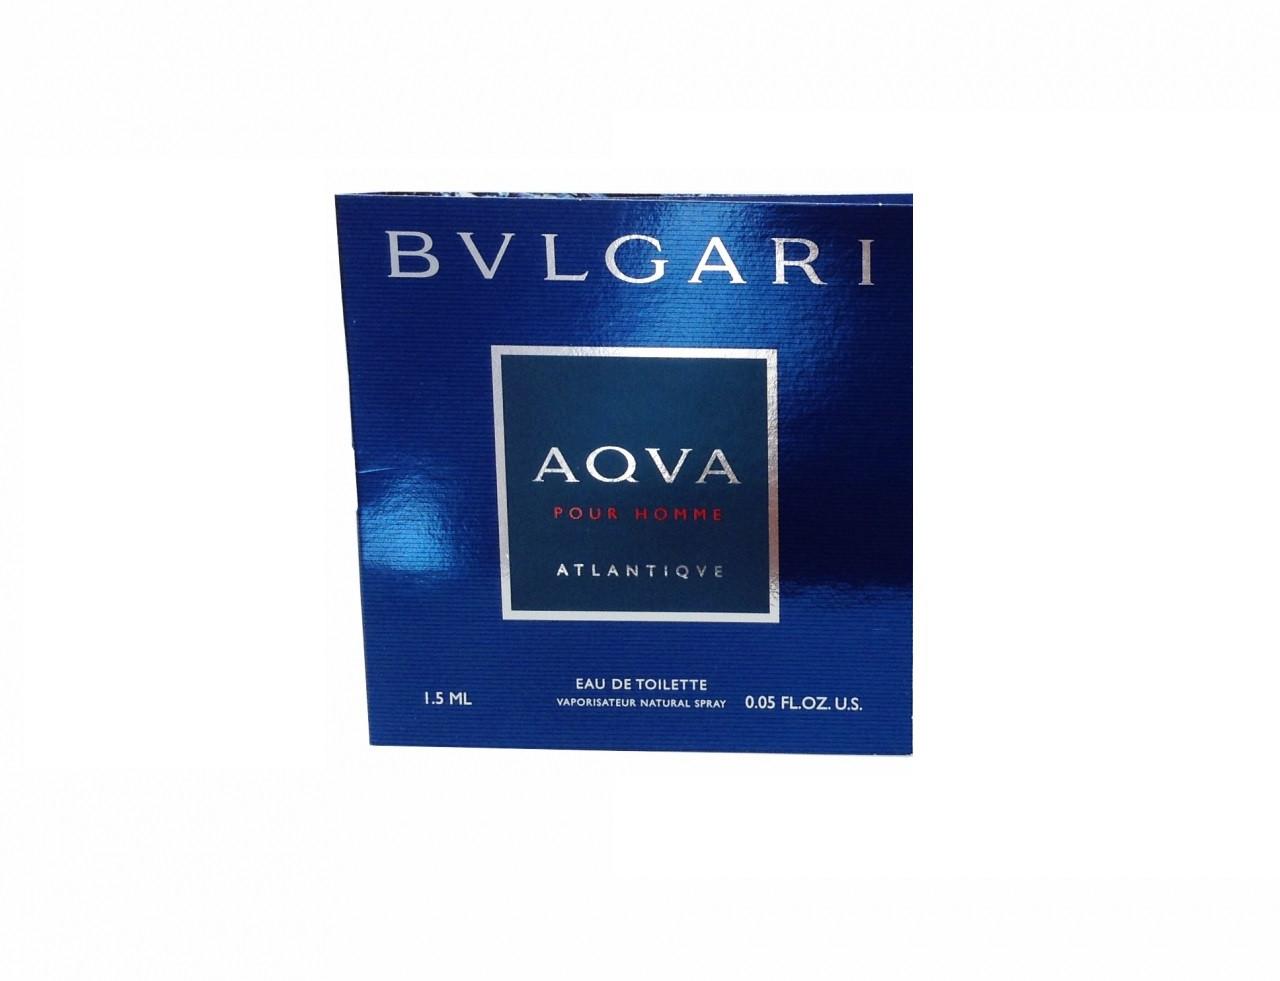 купить Bvlgari Aqva Atlantiqve Edt Vial M 15 парфюмерия мужская в